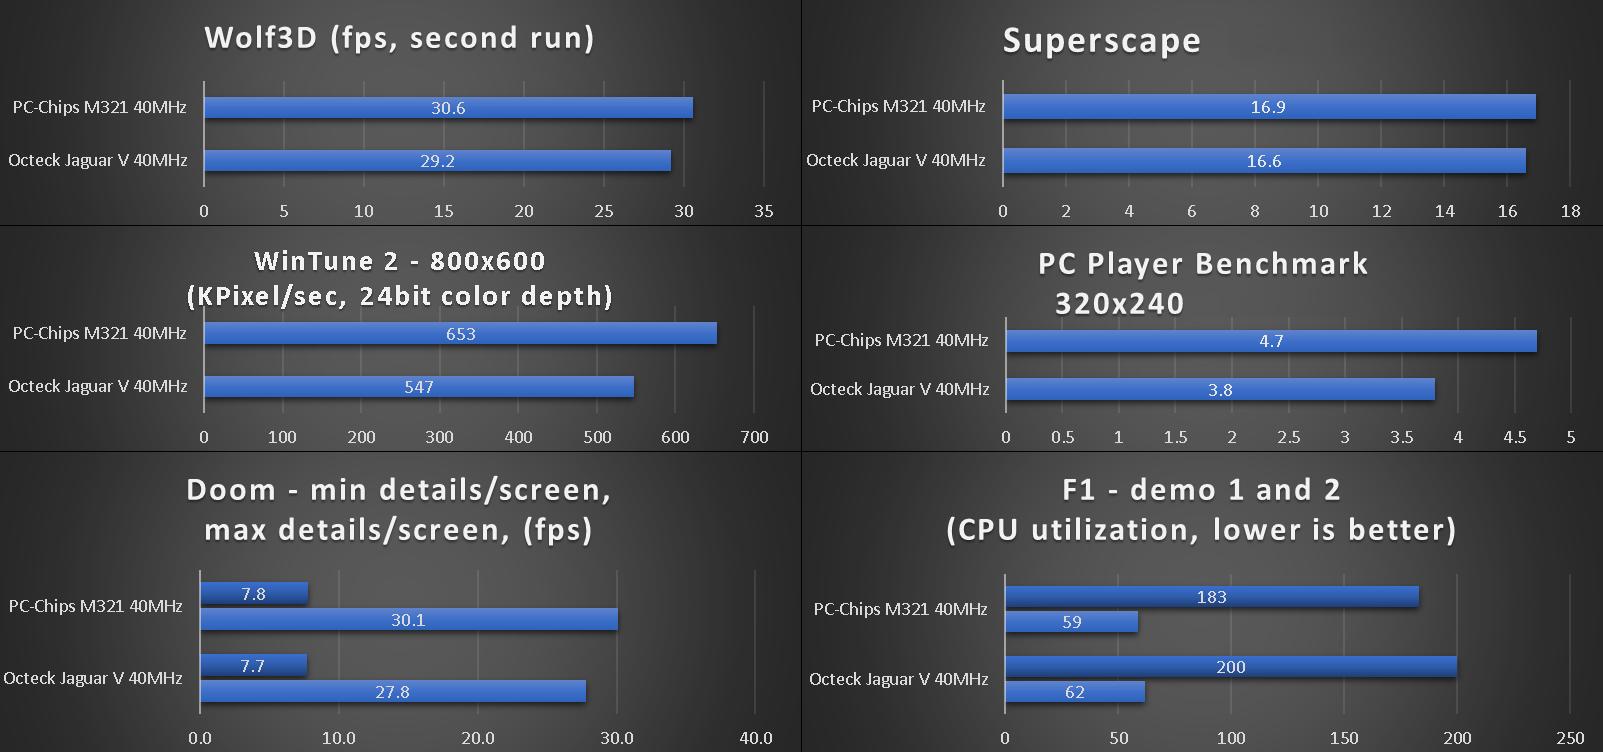 benchmarks_octeck_jaguar_v.png